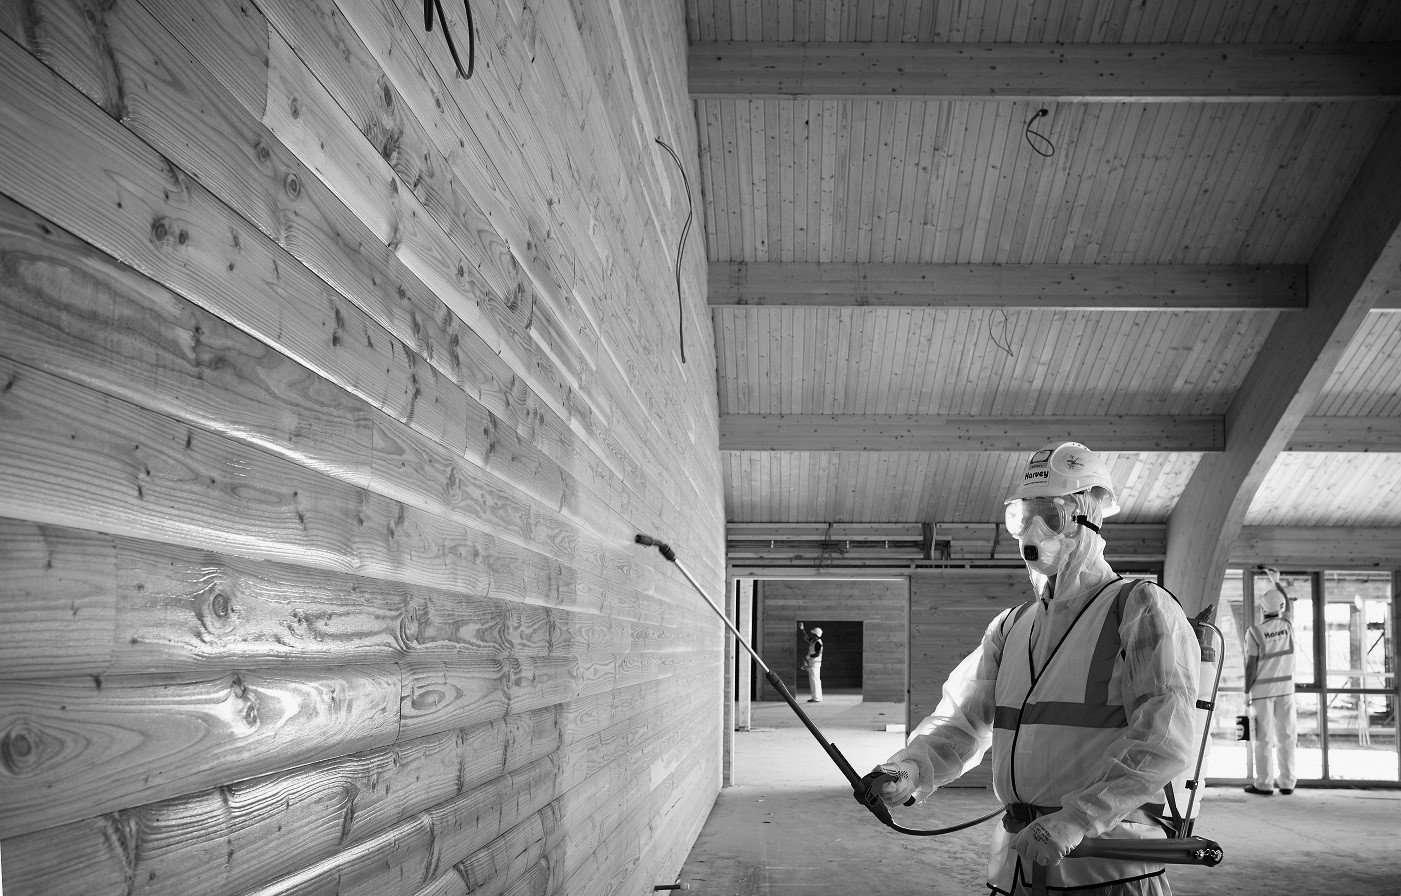 Pittura Per Cemento Armato : Soluzioni di protezione passiva antincendio u2013 vernici intumescenti